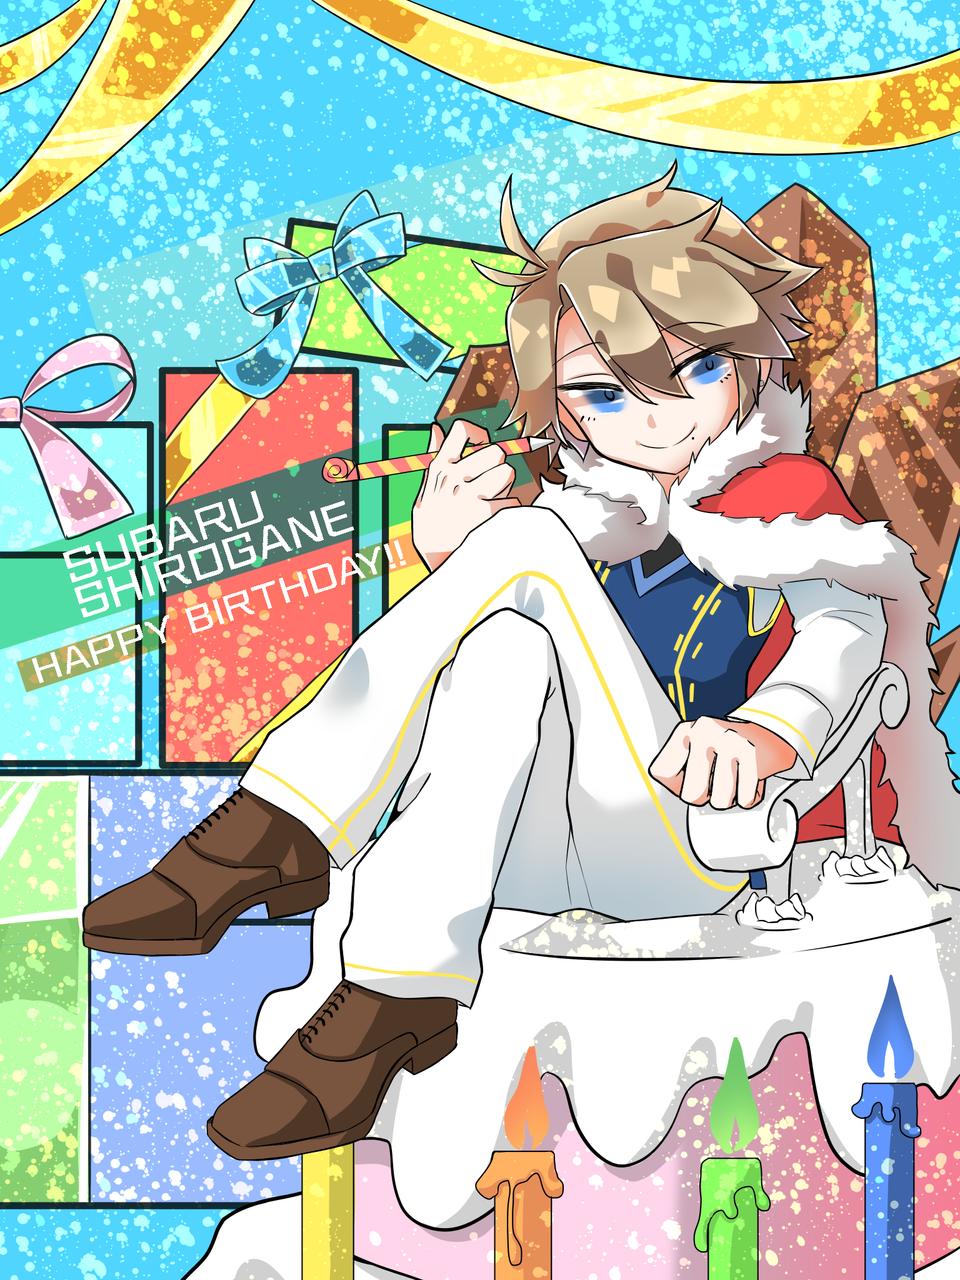 2/25 昴さん Illust of dismas medibangpaint 星鳴エコーズ 星エコ birthday 白金昴